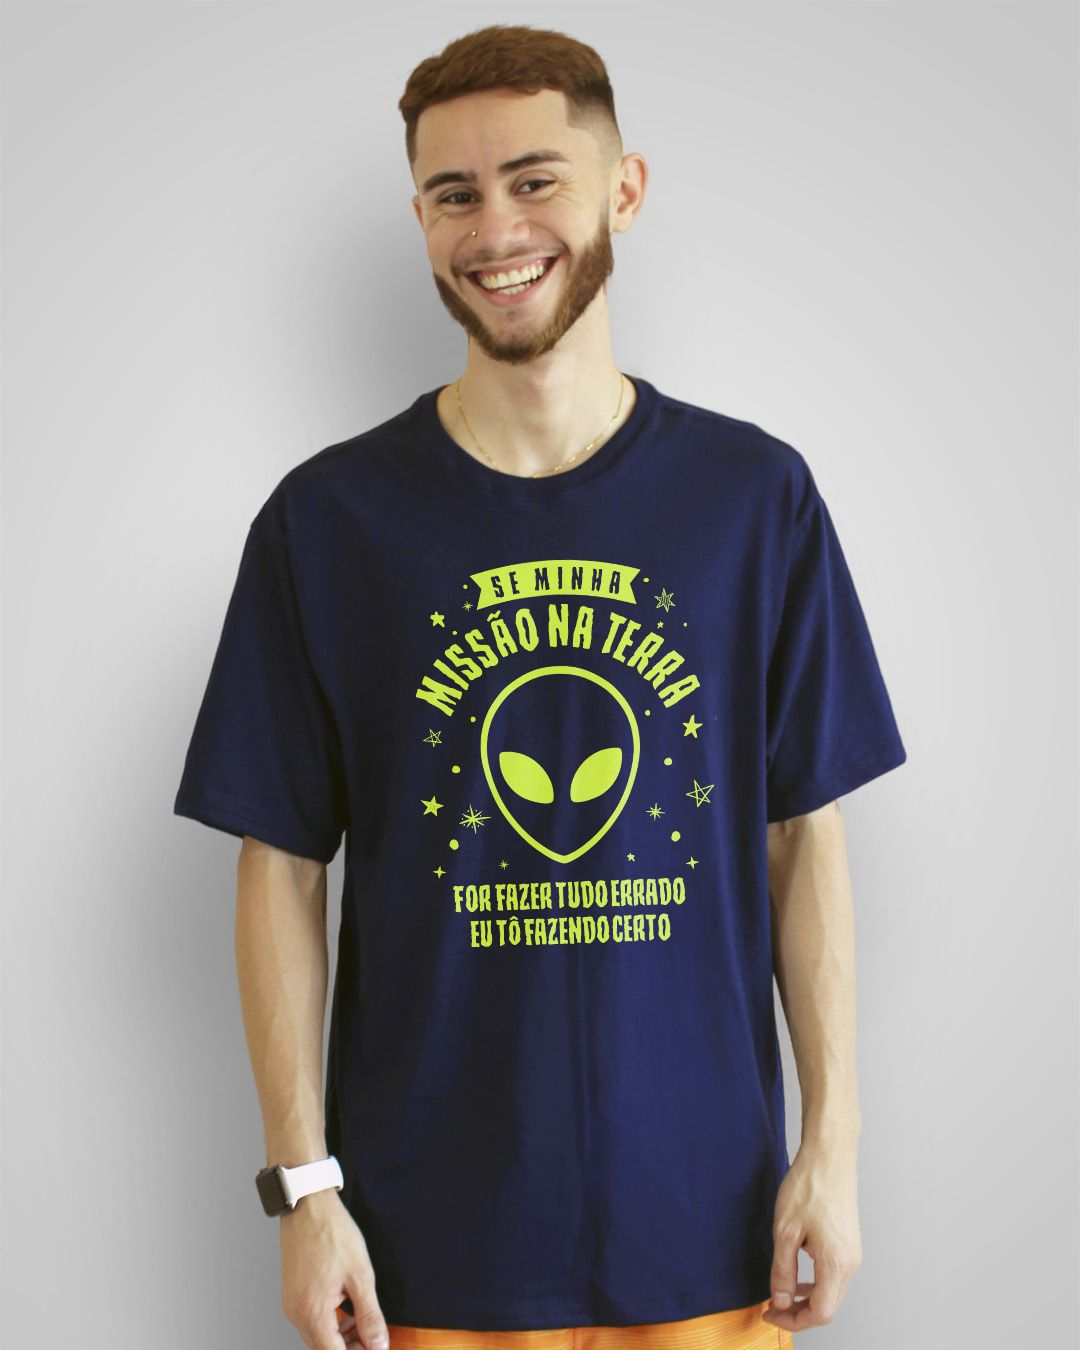 Camiseta Se minha missão na terra for fazer tudo errado, eu tô fazendo certo